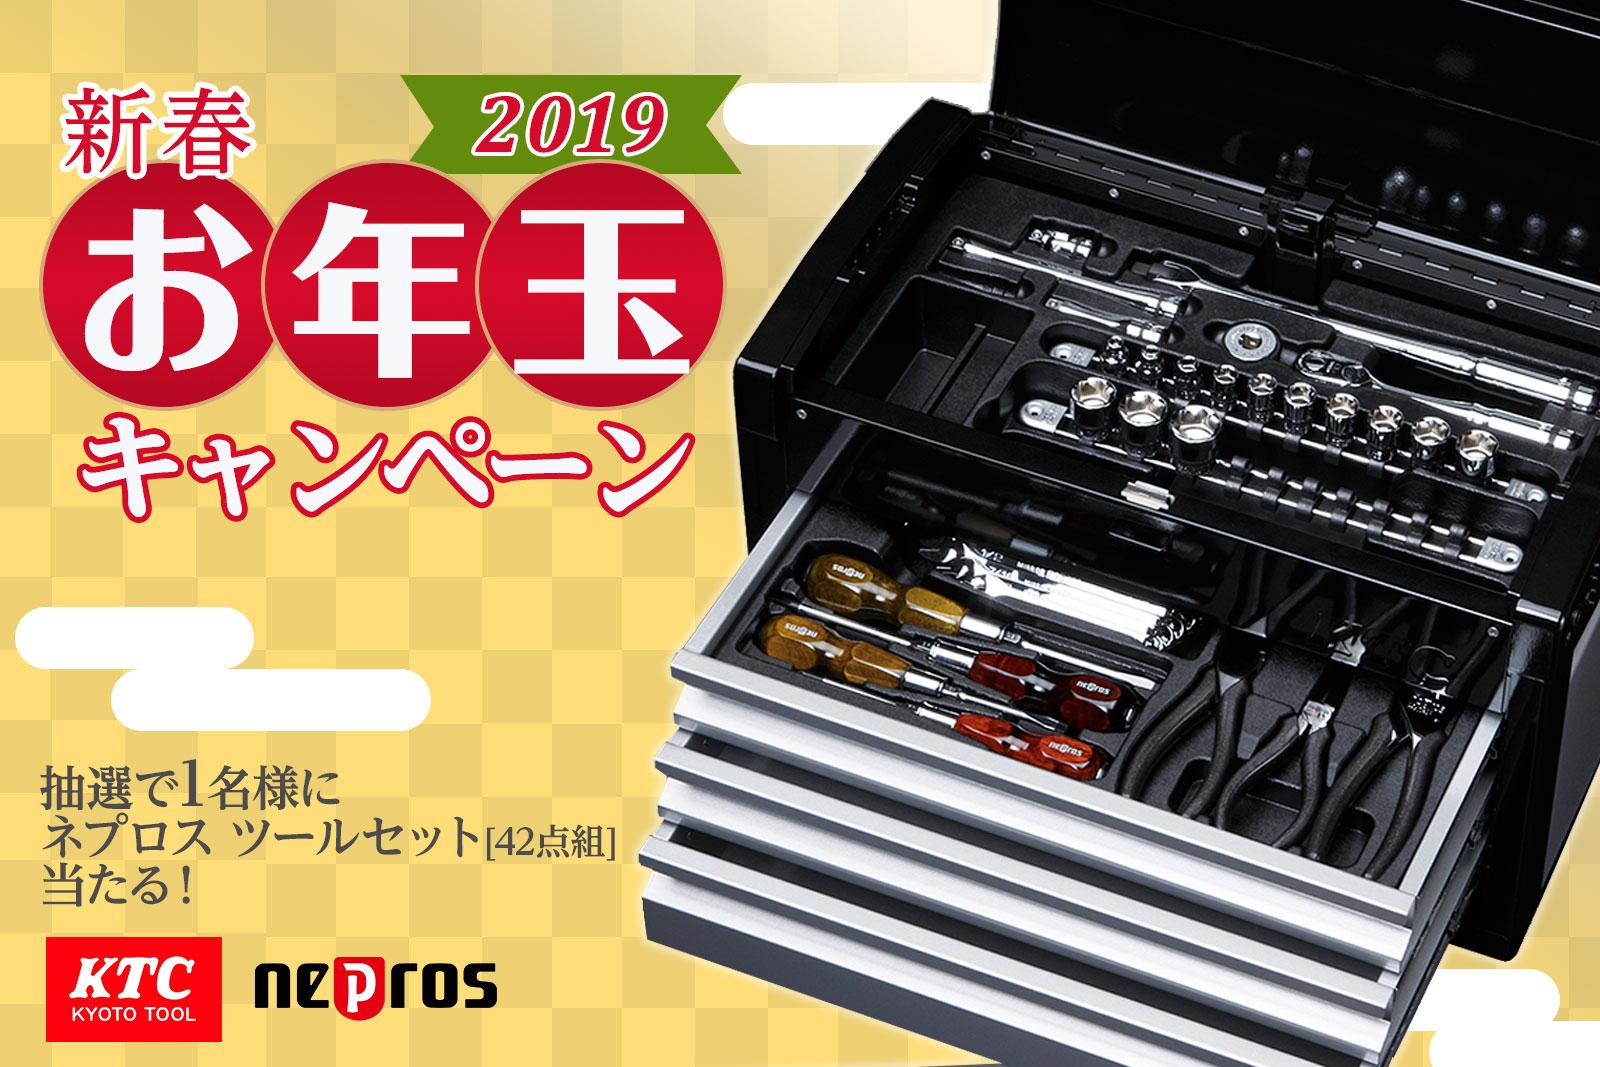 【受付終了】新春 お年玉キャンペーン2019